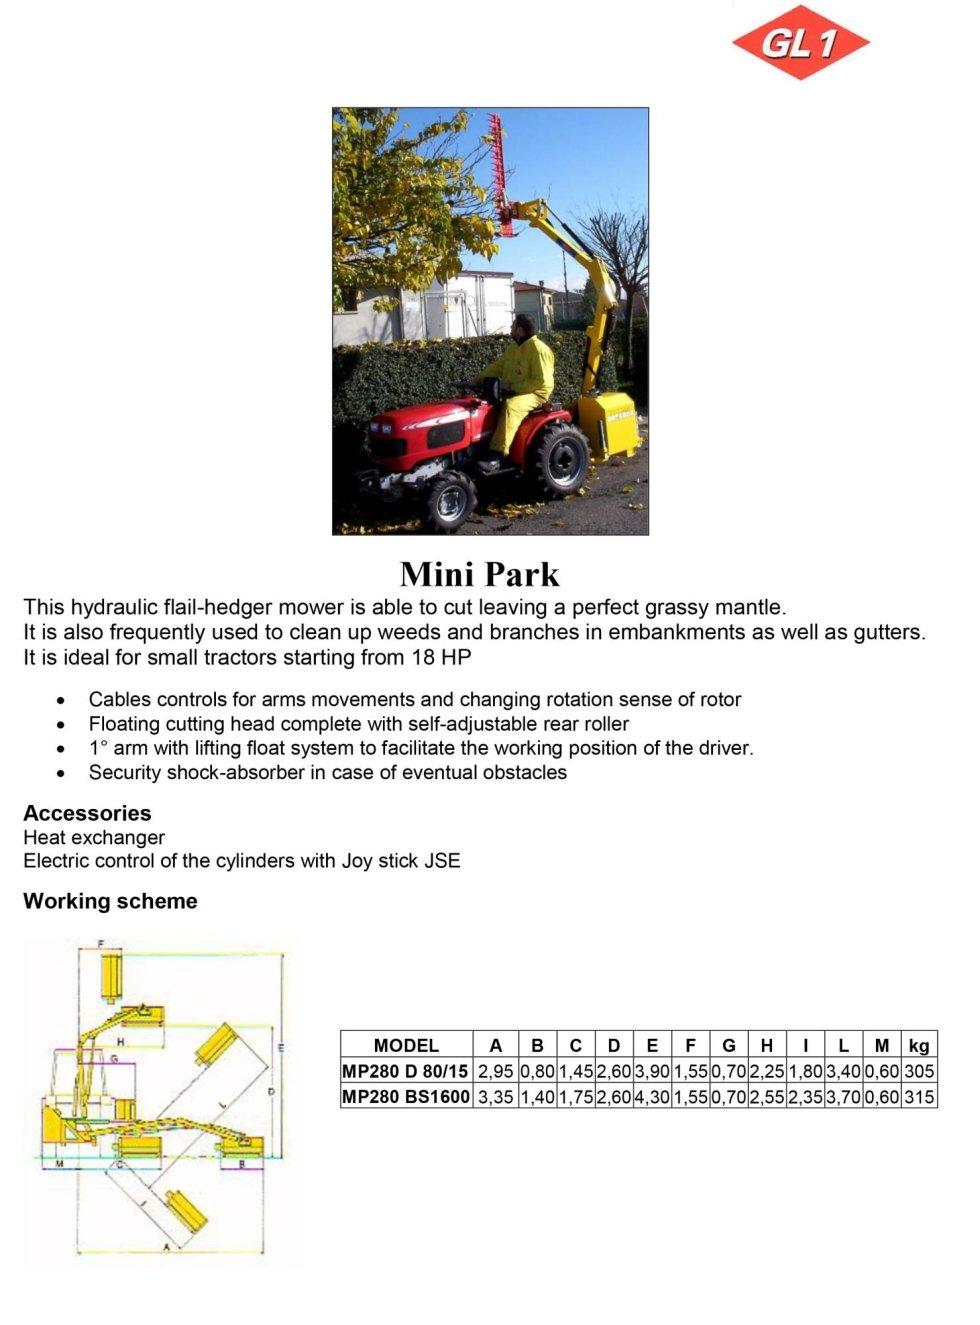 Mini Park 280